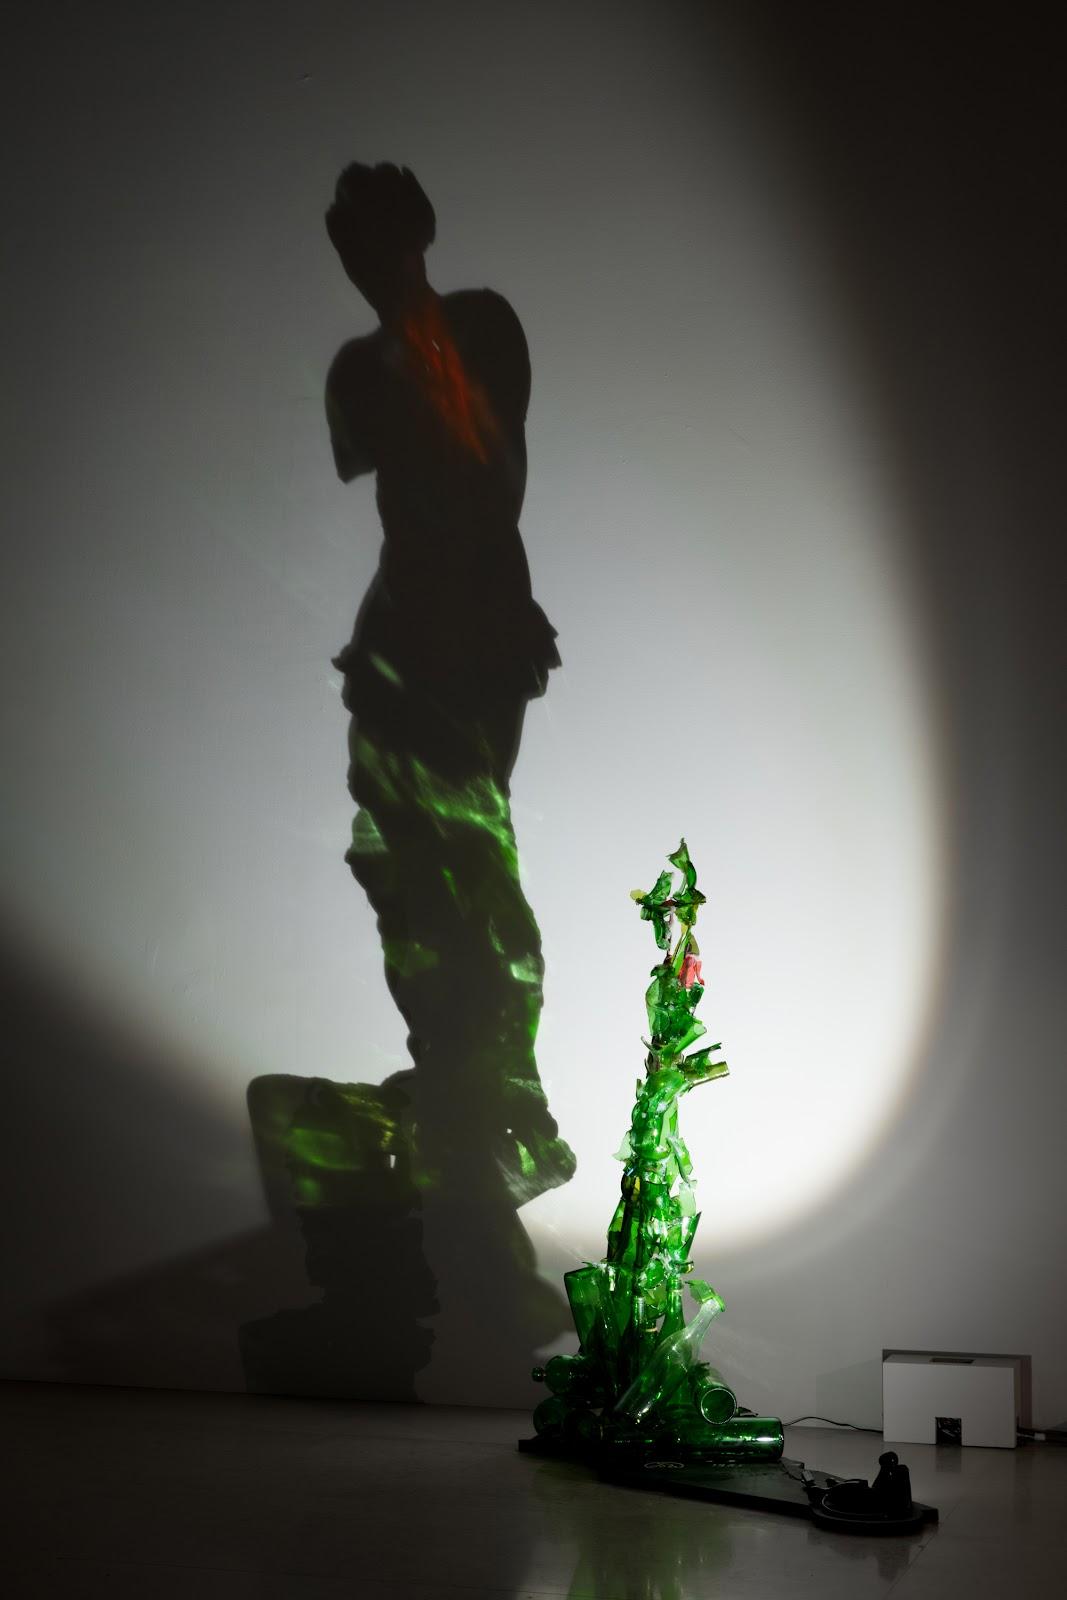 奇美博物館 特展 展覽 影子魔幻展